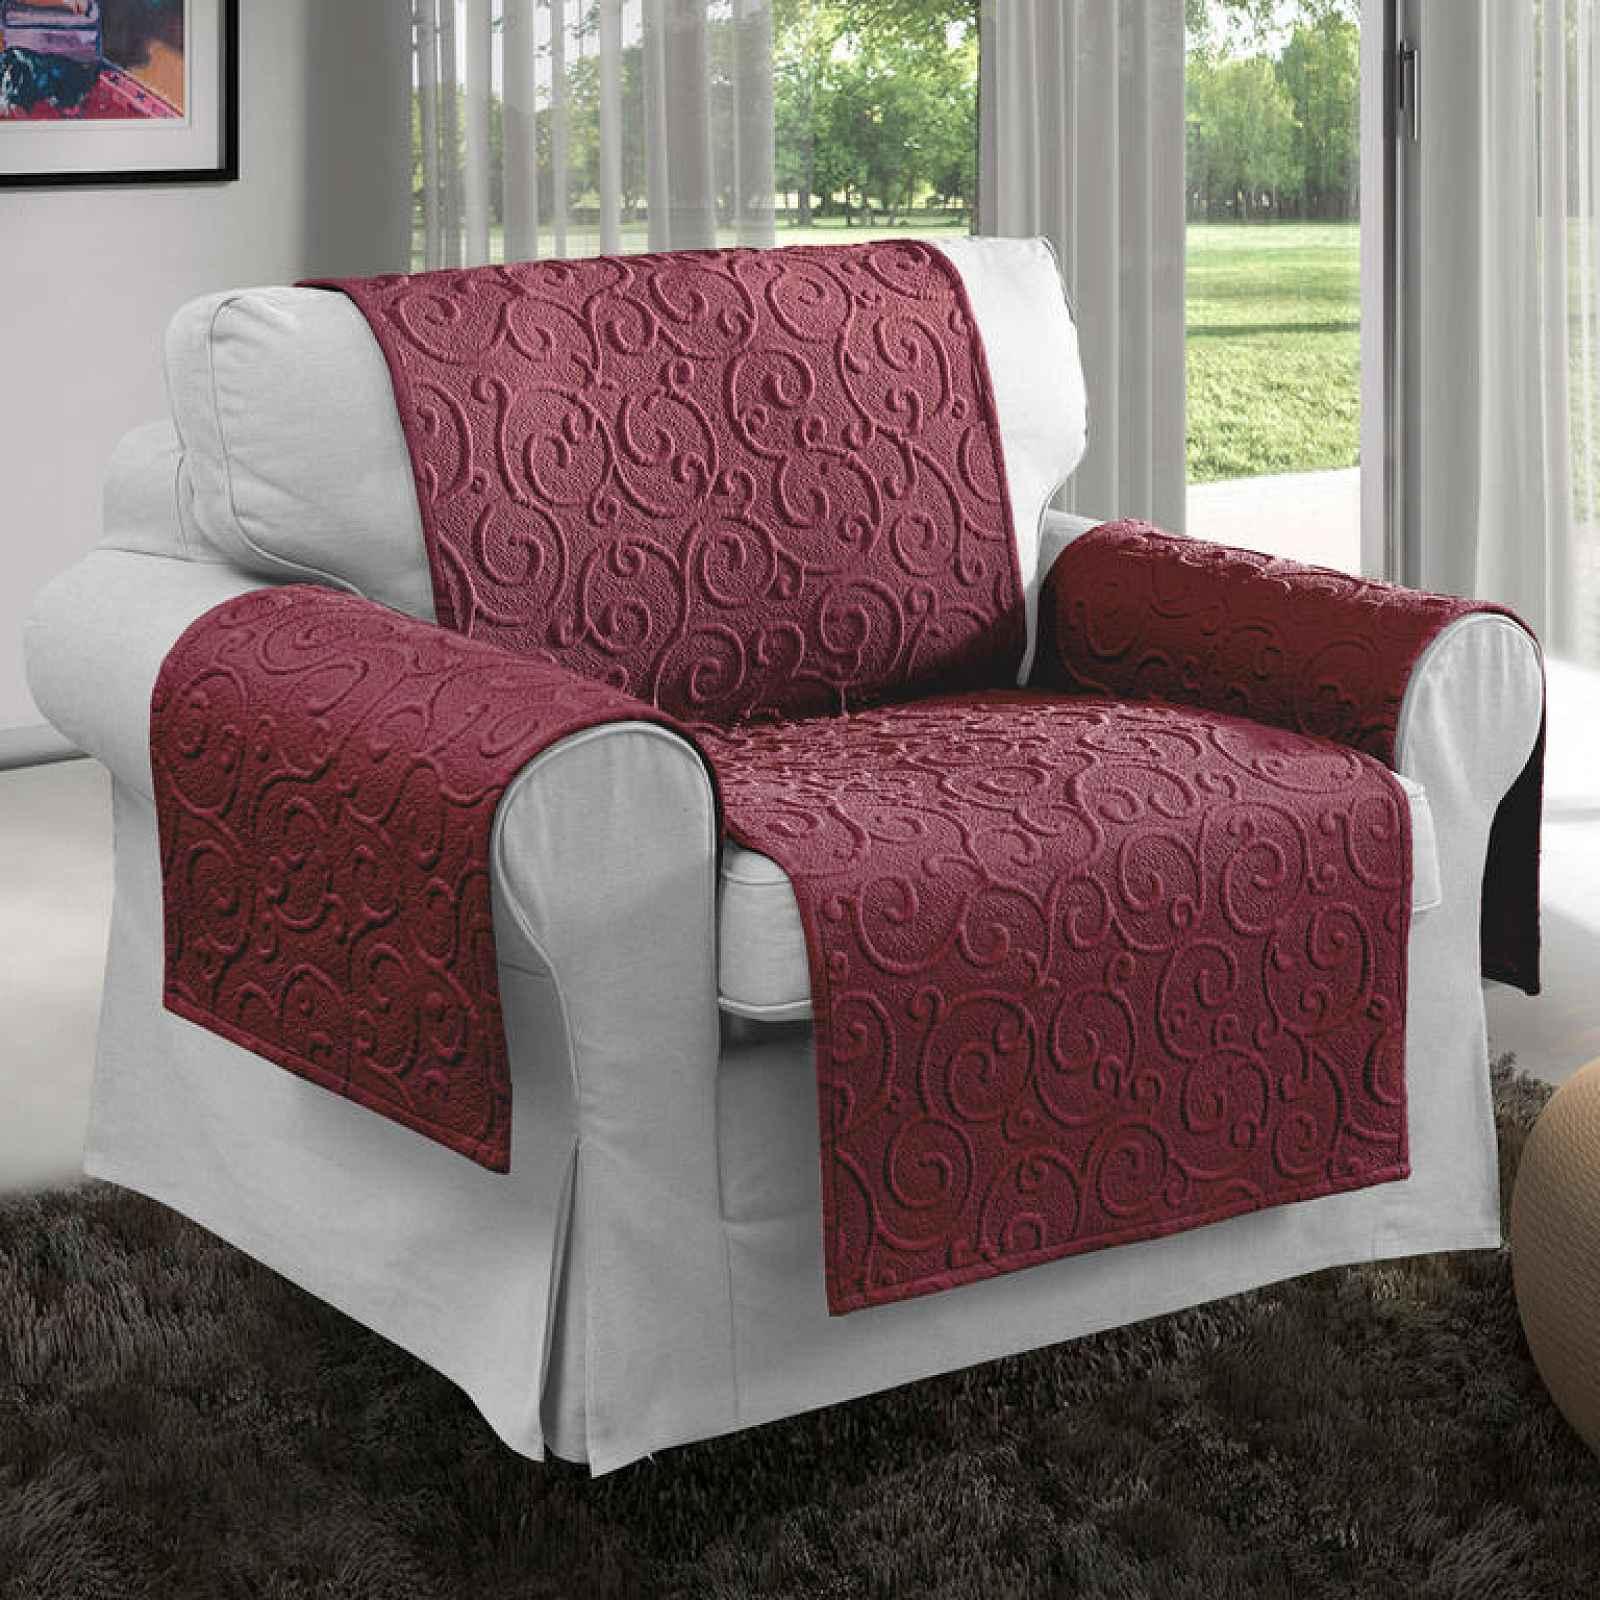 Přehozy na sedací soupravu VOLTE bordó 2x područky - 50 x 70 cm